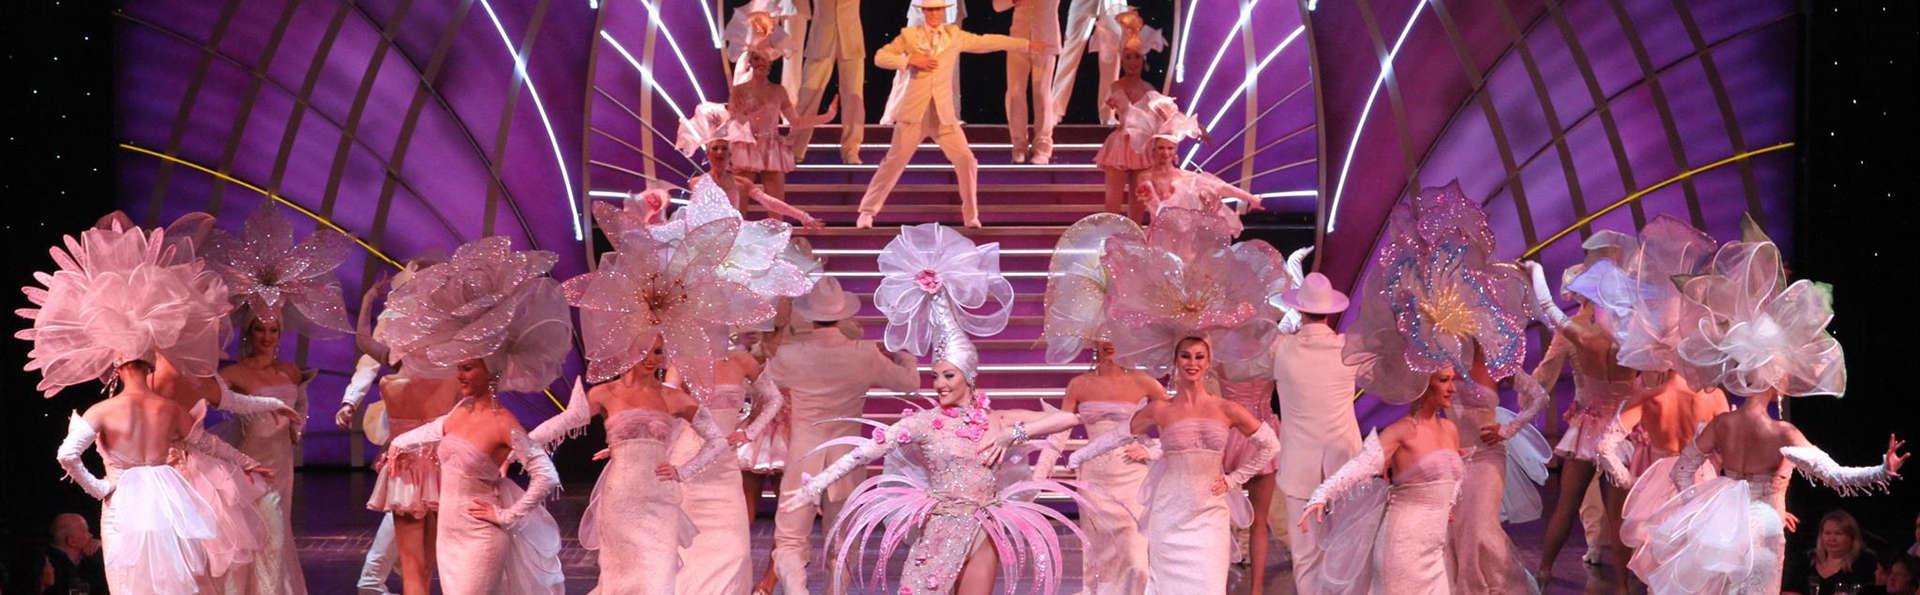 Séjour détente et féerique avec spectacle au Lido de Paris